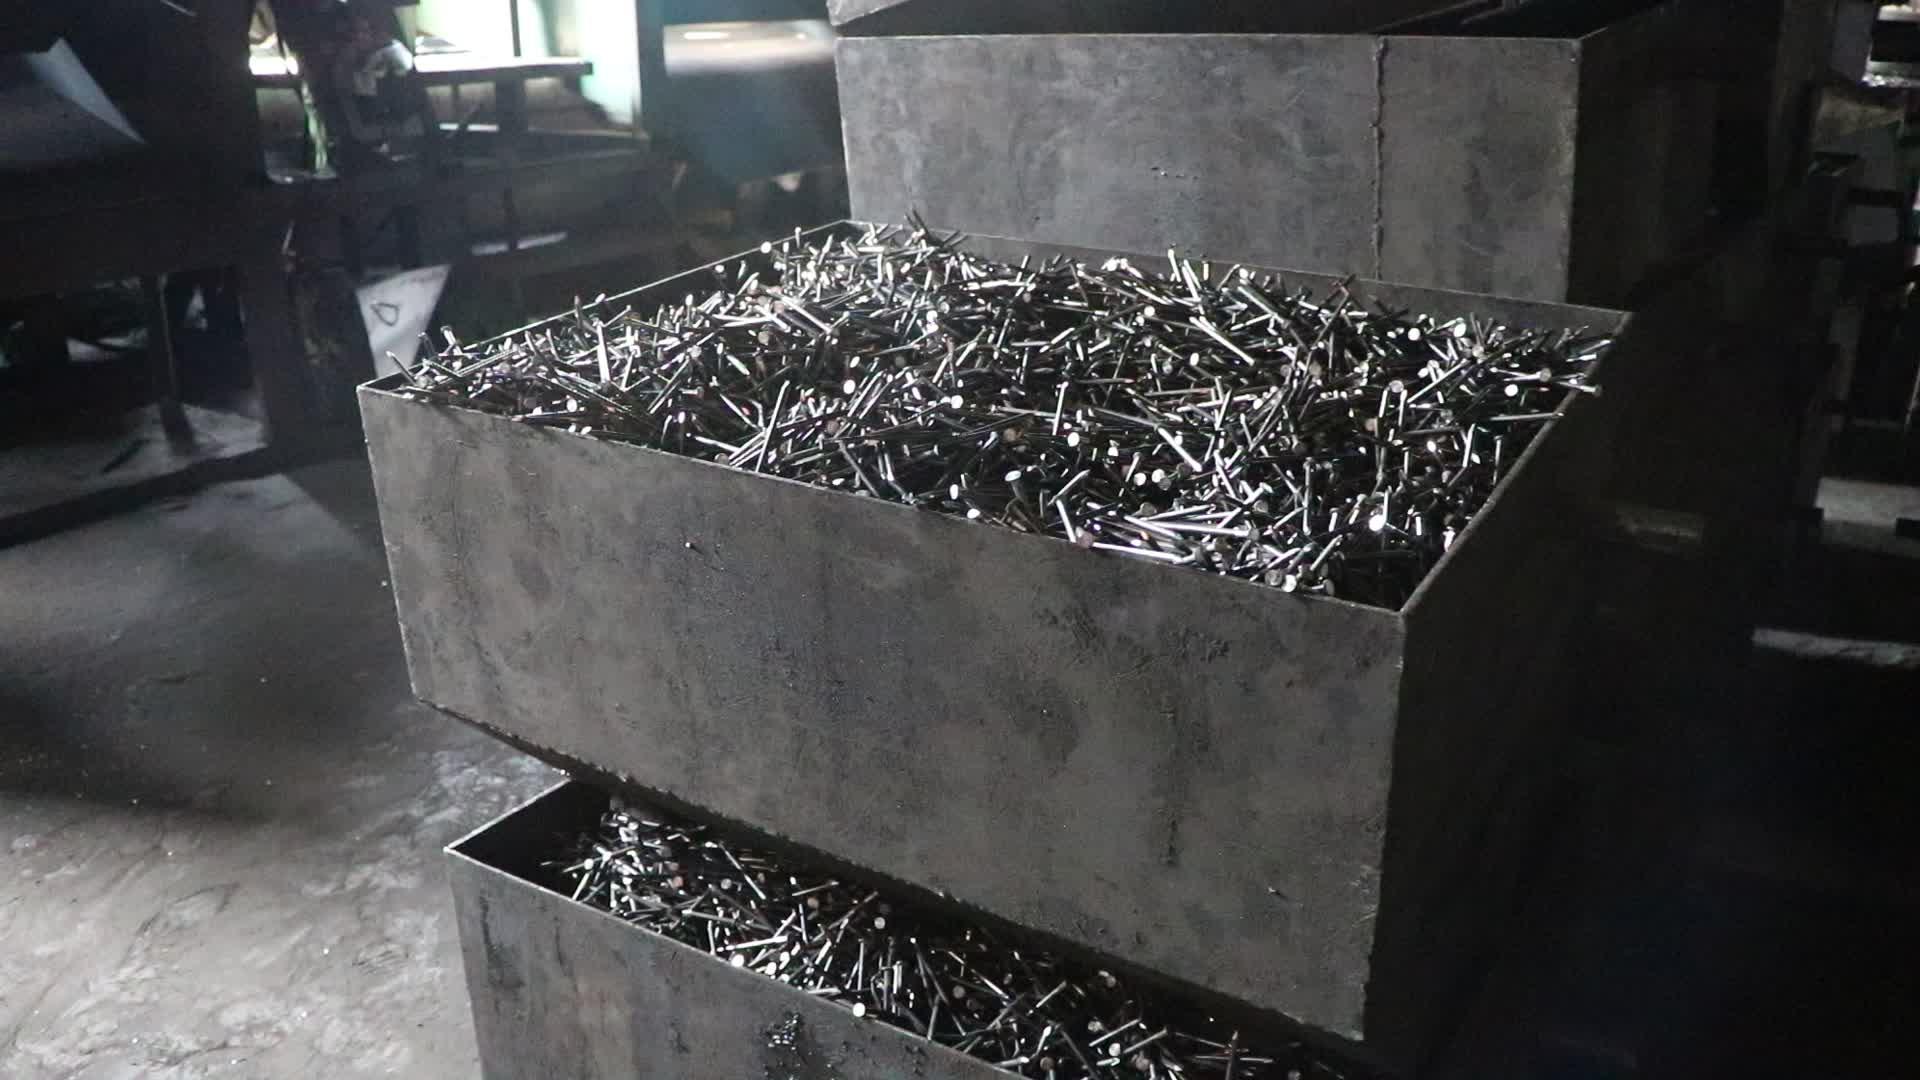 Hoge sterkte hoge kwaliteit goedkope prijs gemeenschappelijke draad nagels fabriek